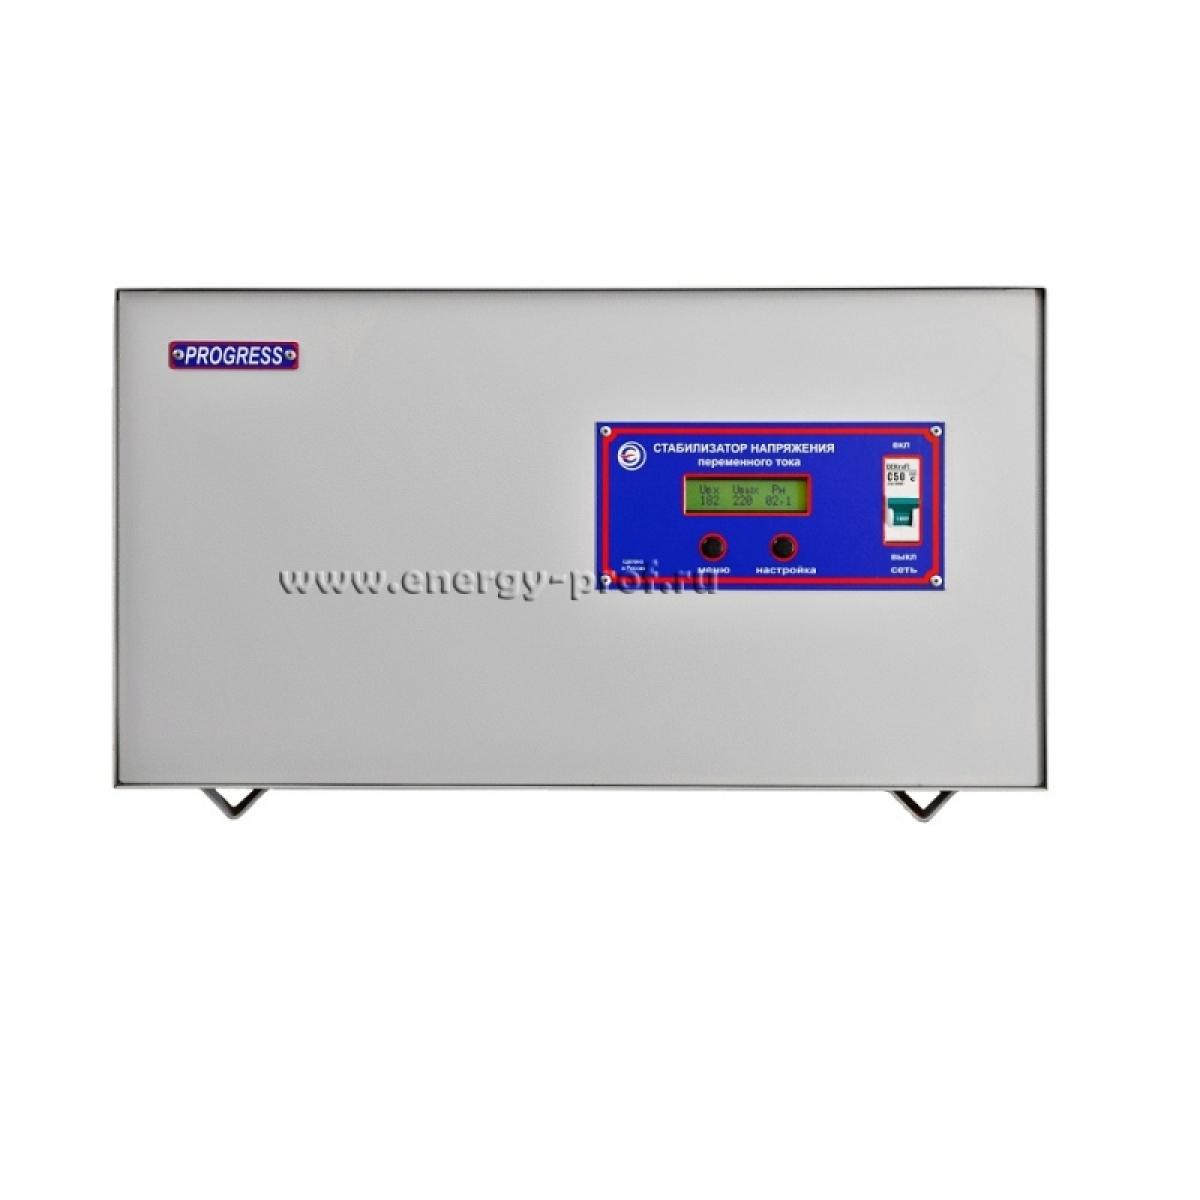 Однофазный стабилизатор PROGRESS 3000SL-20, вид спереди